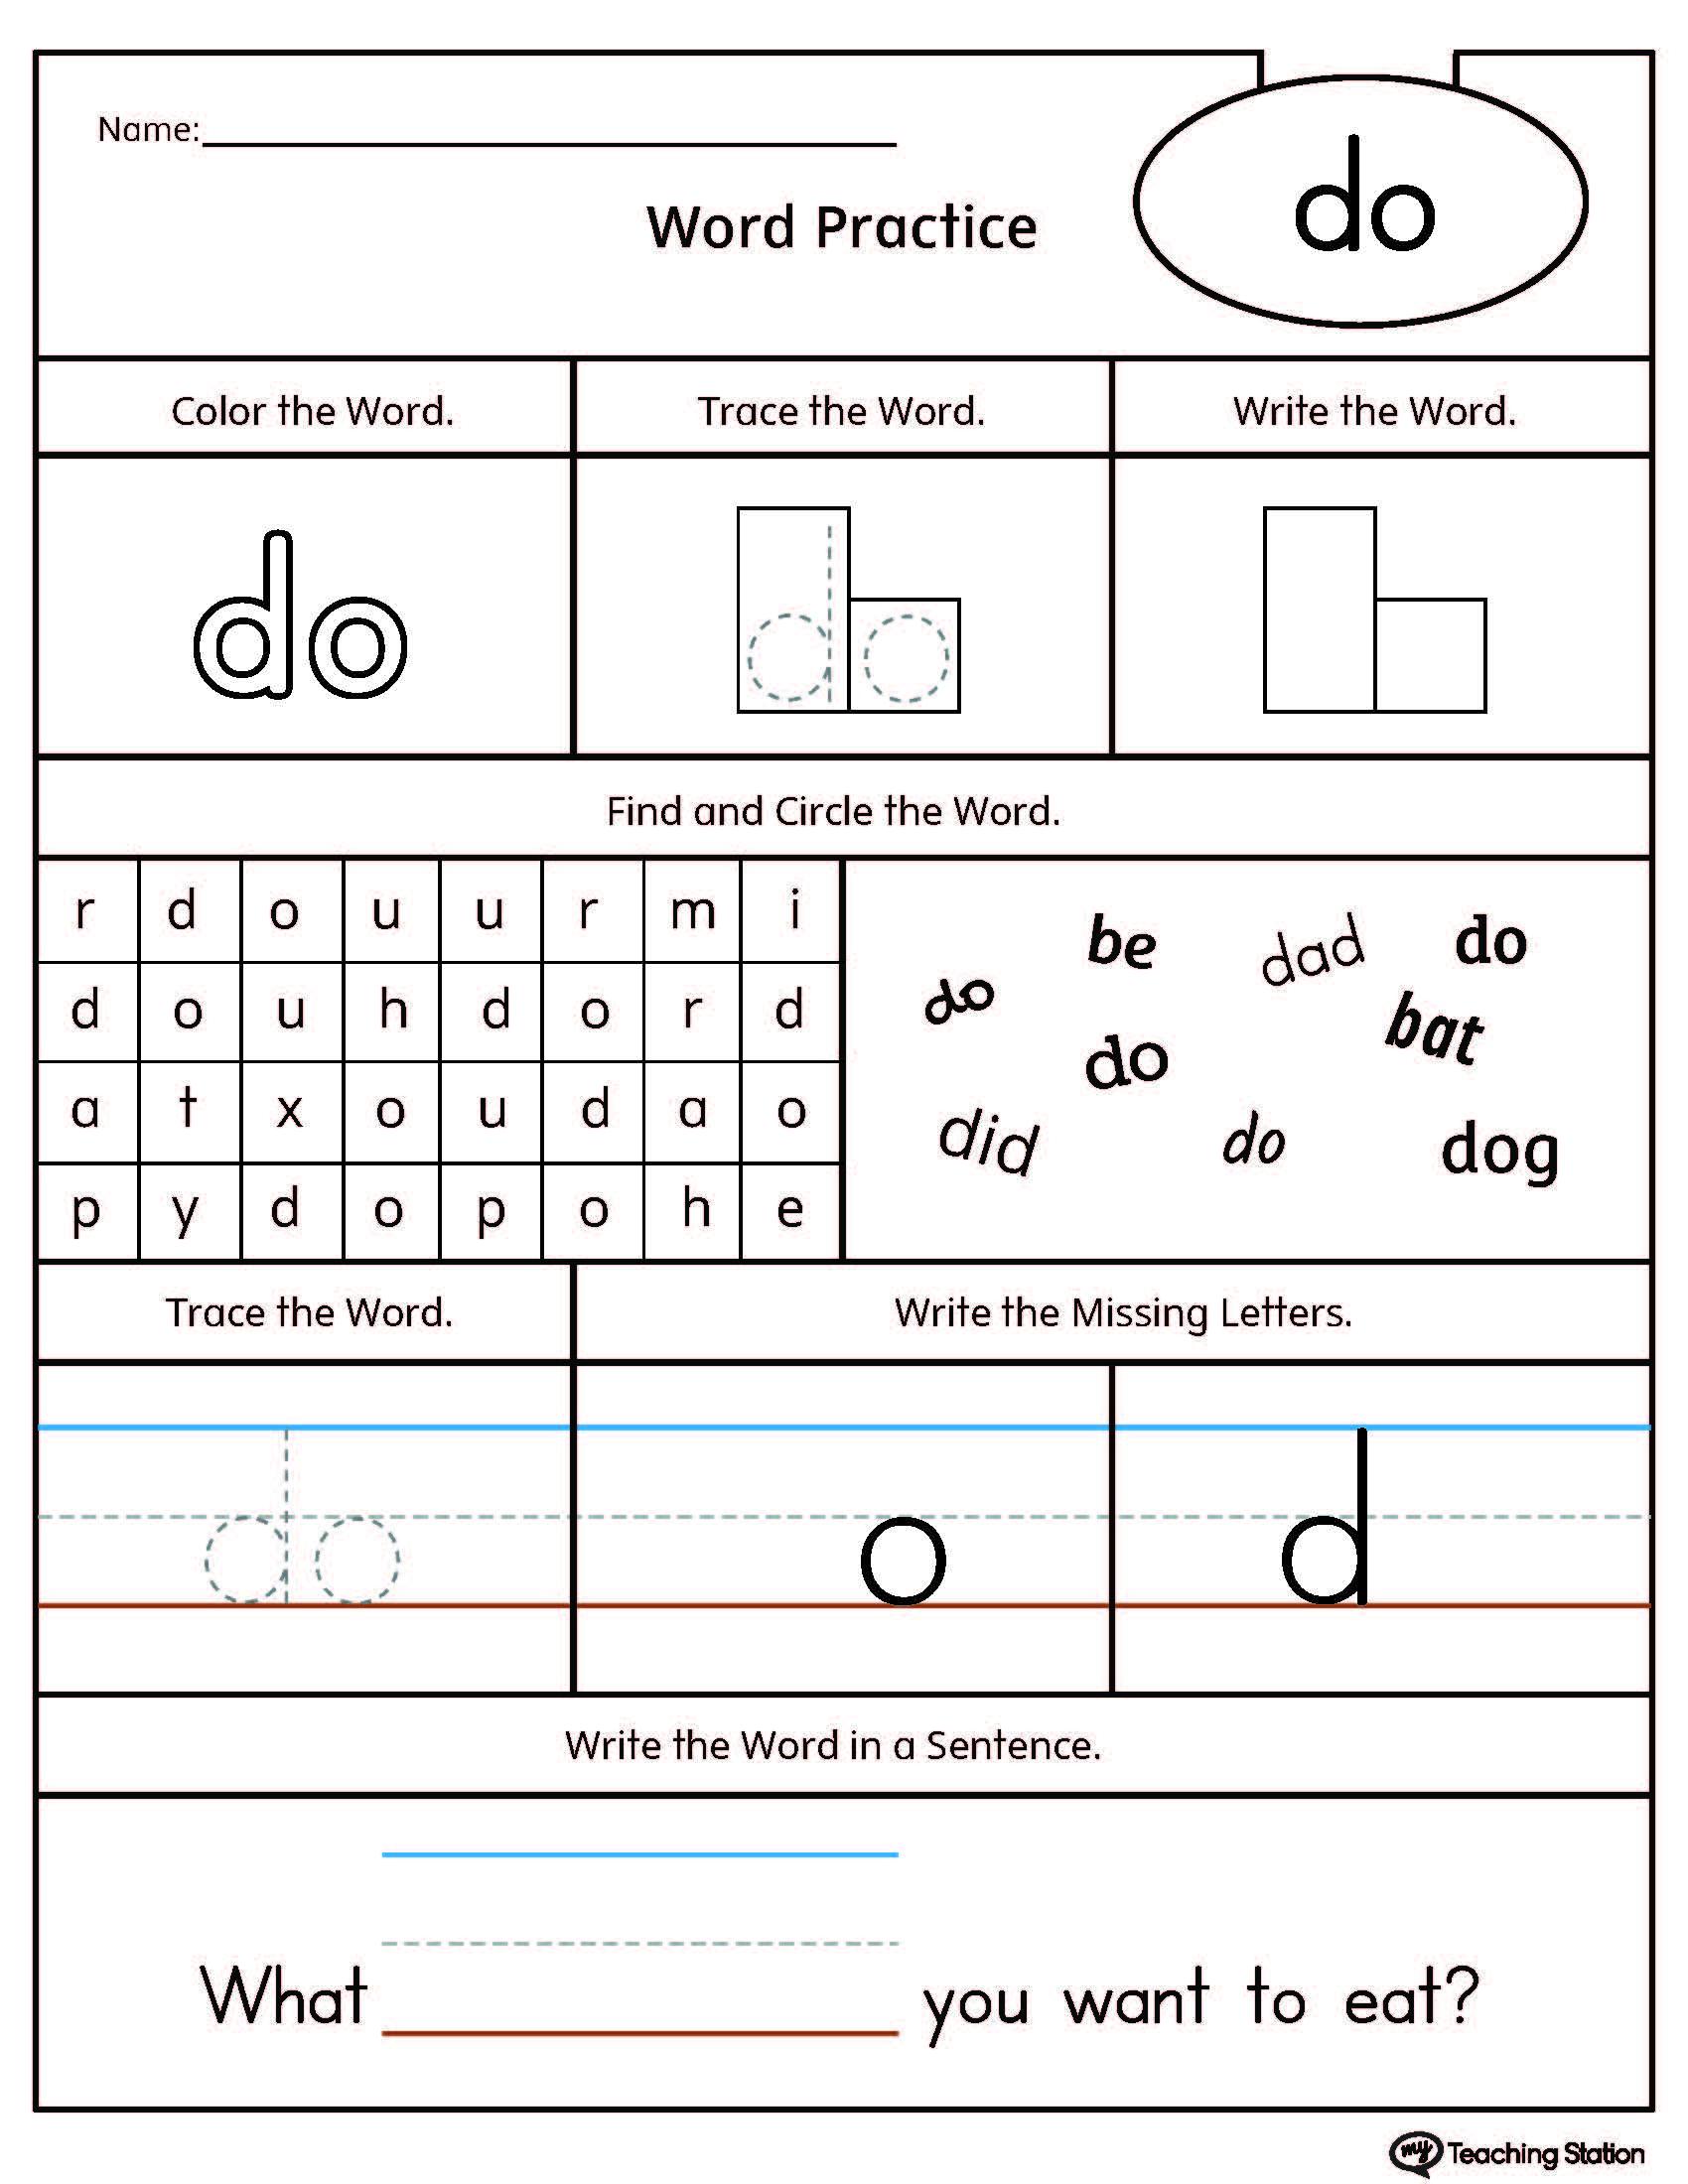 K12 Learning Worksheet